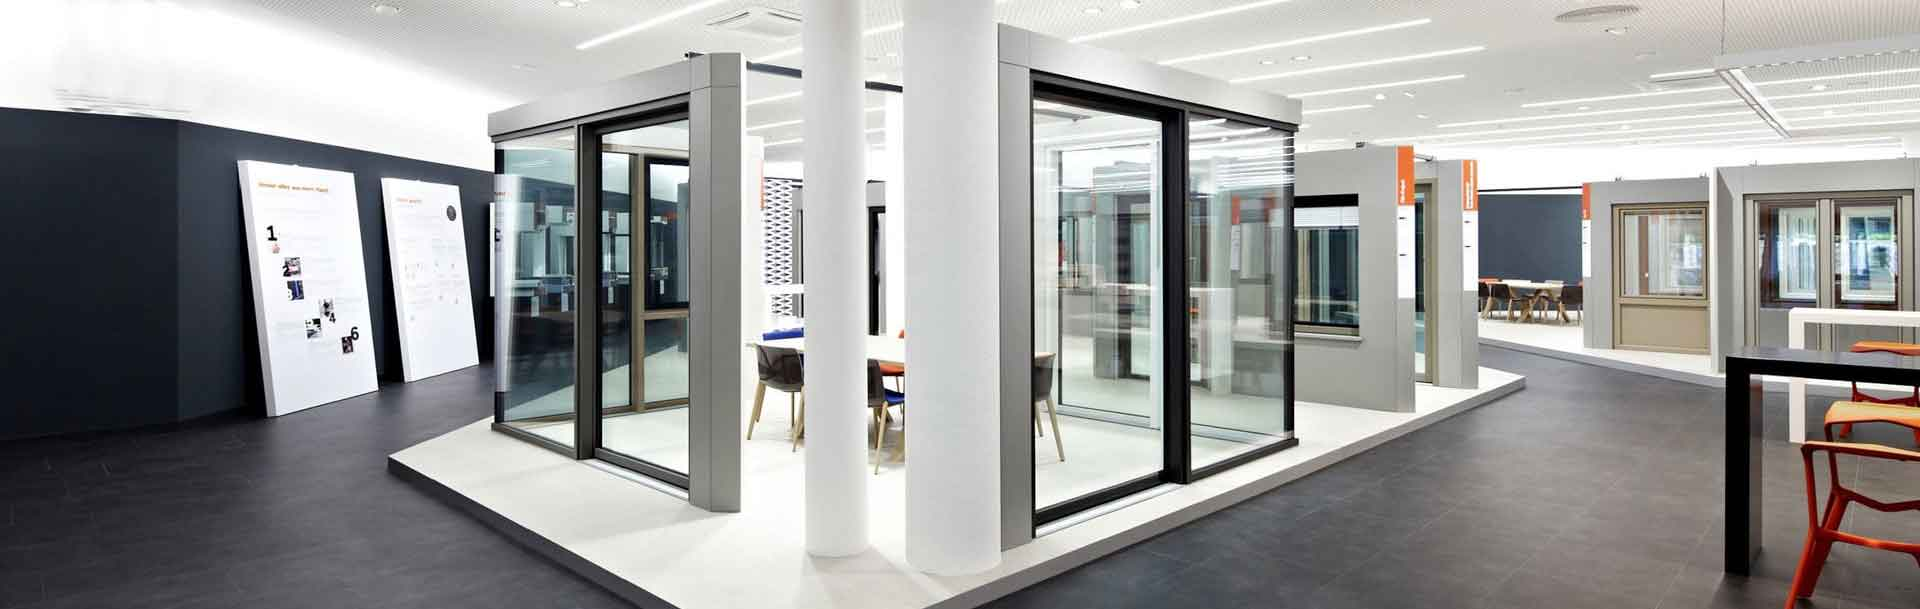 ventanales de pvc, ventanas con calidad,